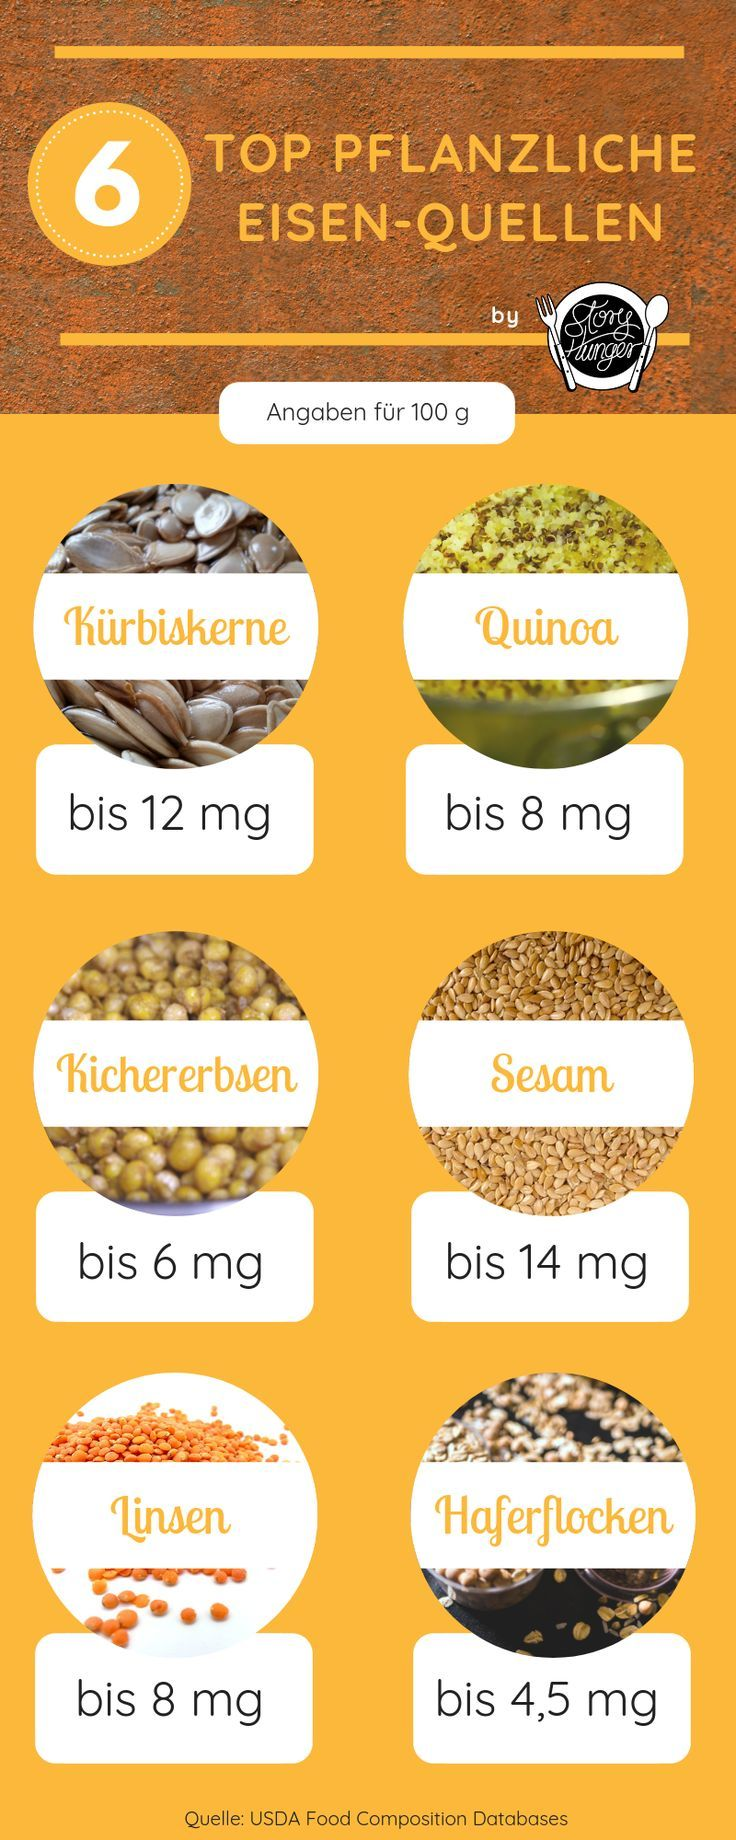 Eisenhaltige Lebensmittel: Die 13 besten pflanzlichen Eisen-Quellen